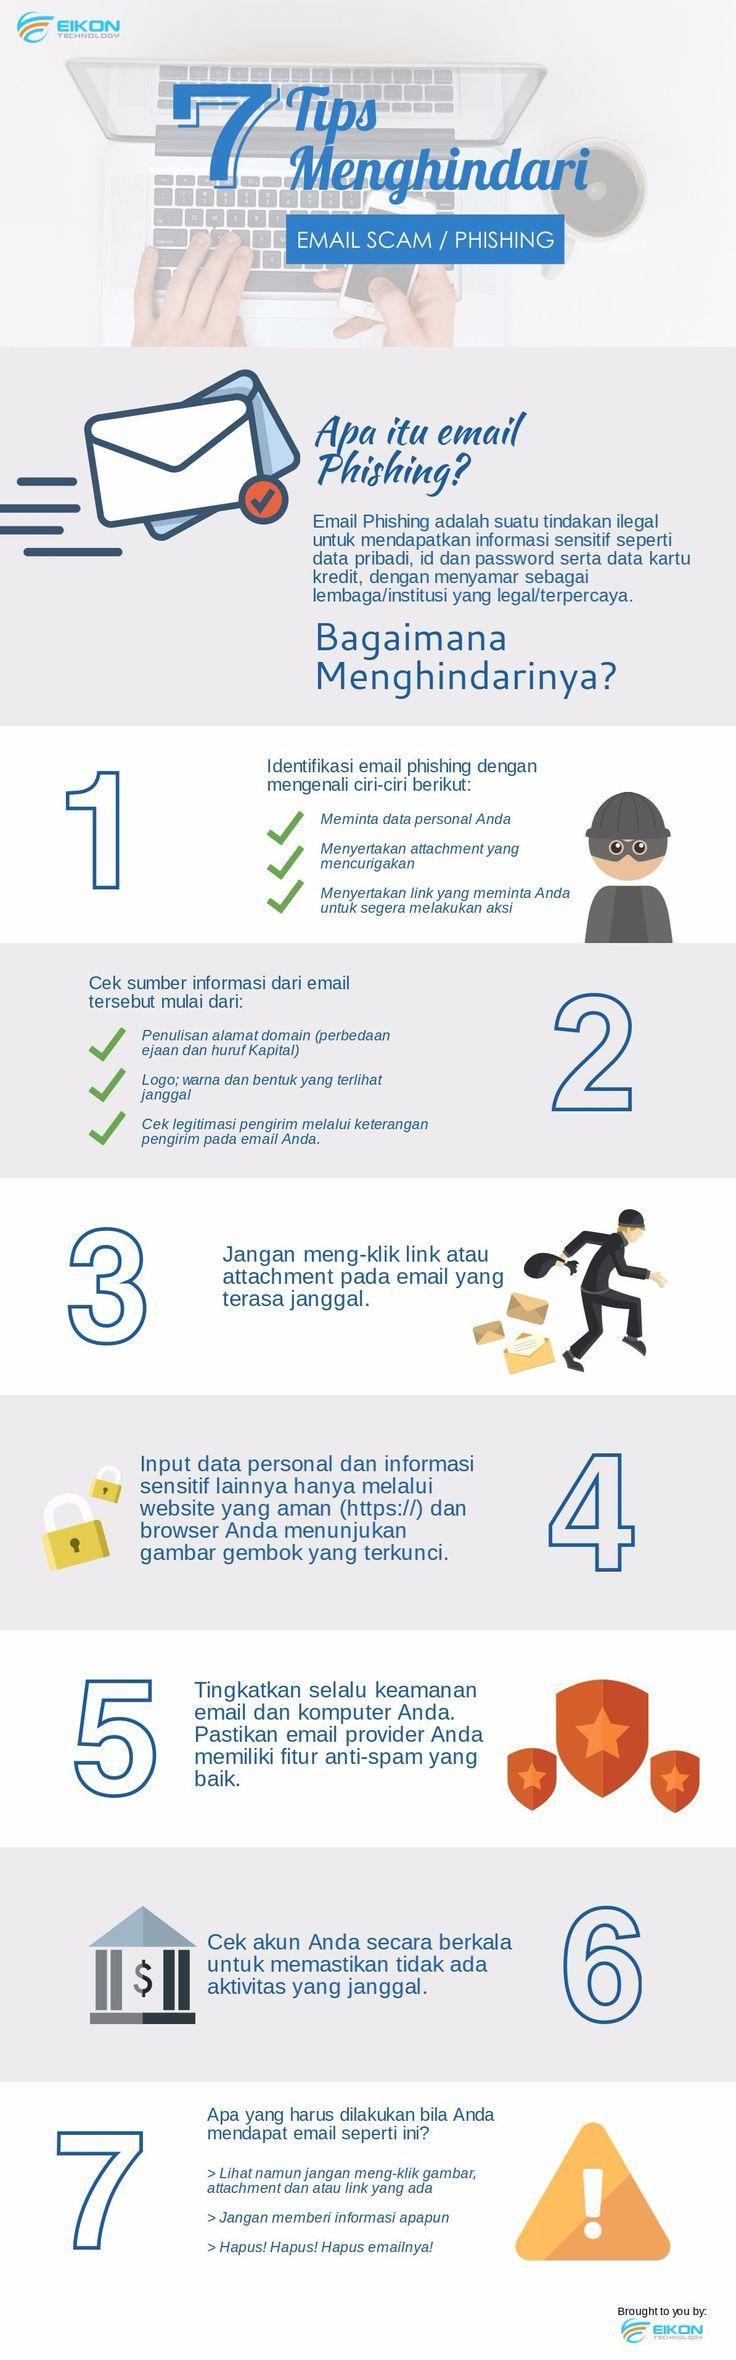 7 cara efektif menghindari #EmailPhishing atau #EmailScam   #security #emailsecurity